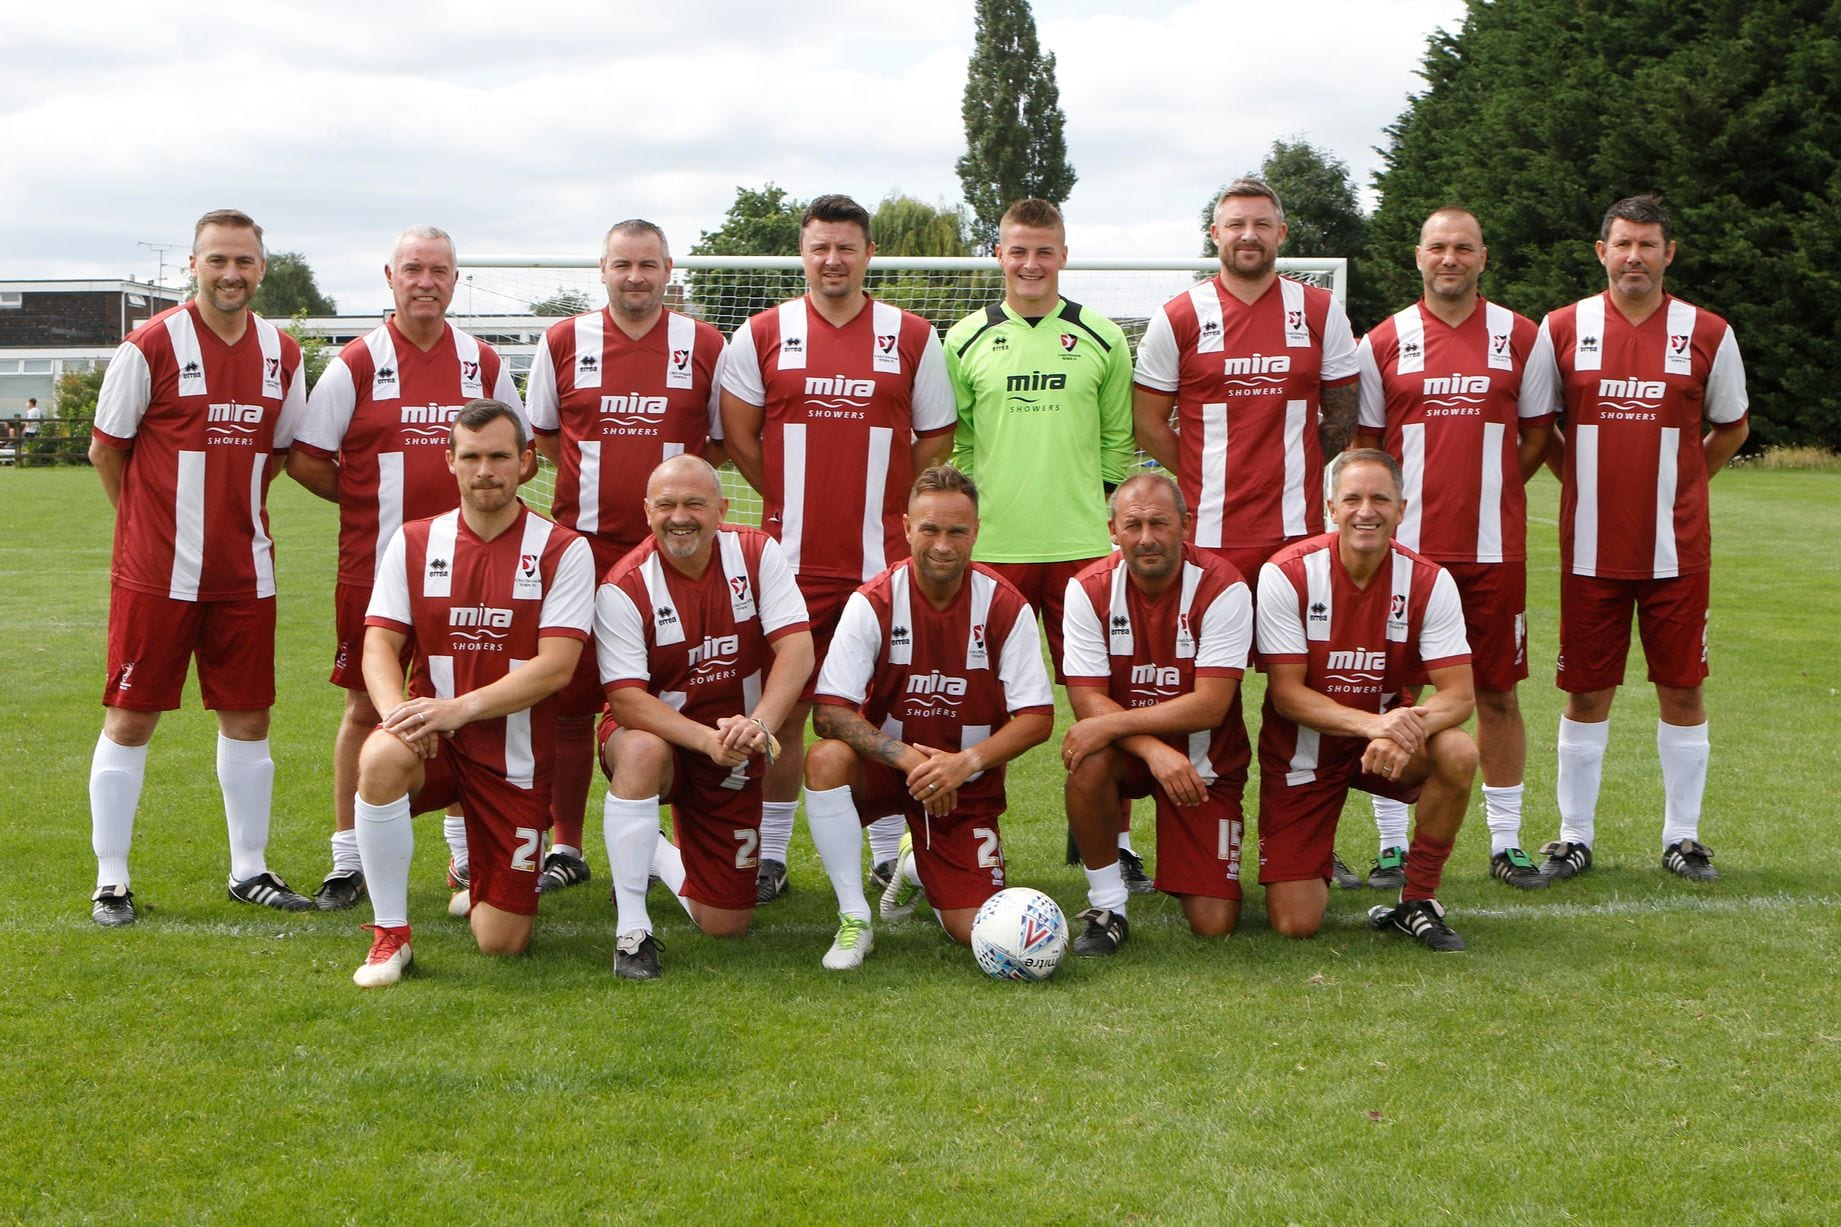 Hollie Gazzard Trust at the Cheltenham Town FC Open Day